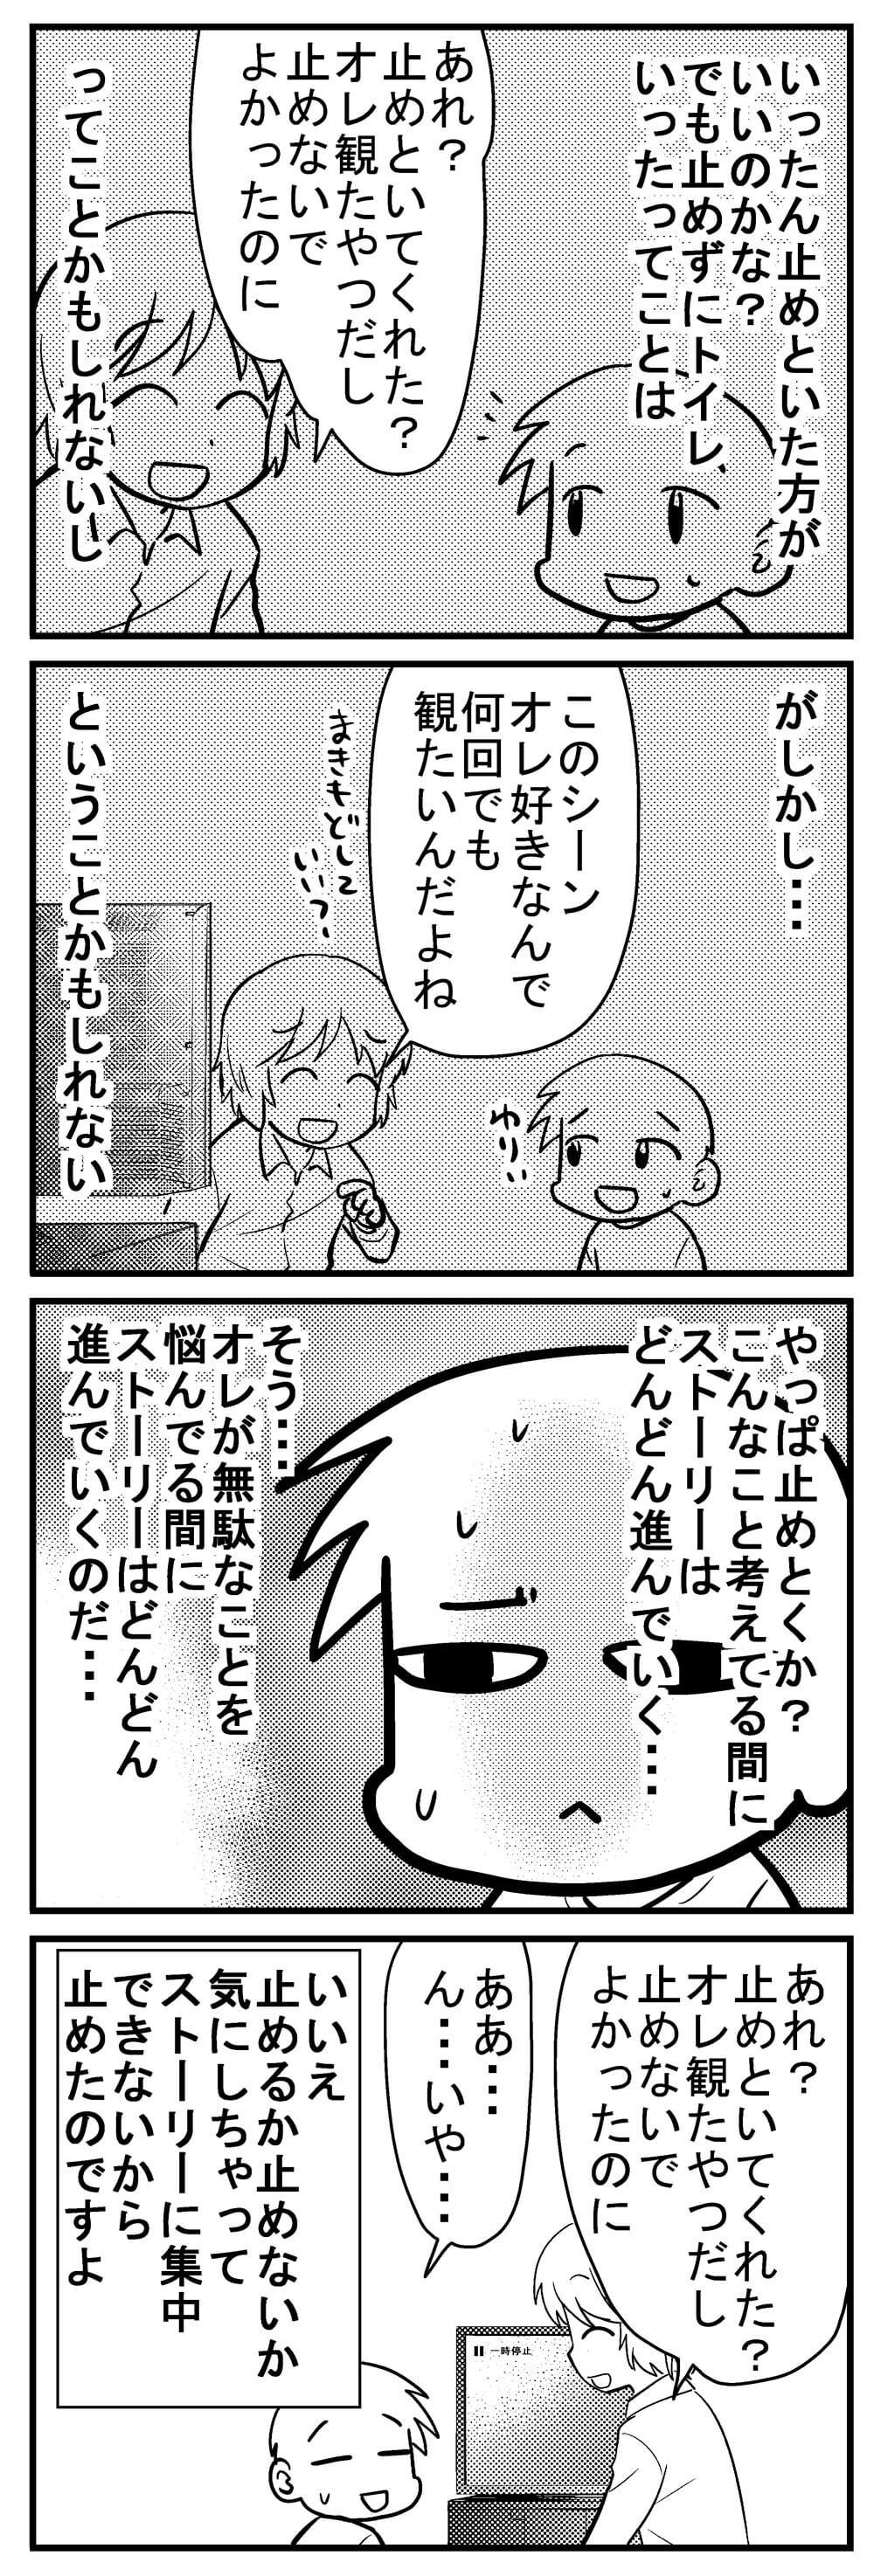 深読みくん144-4